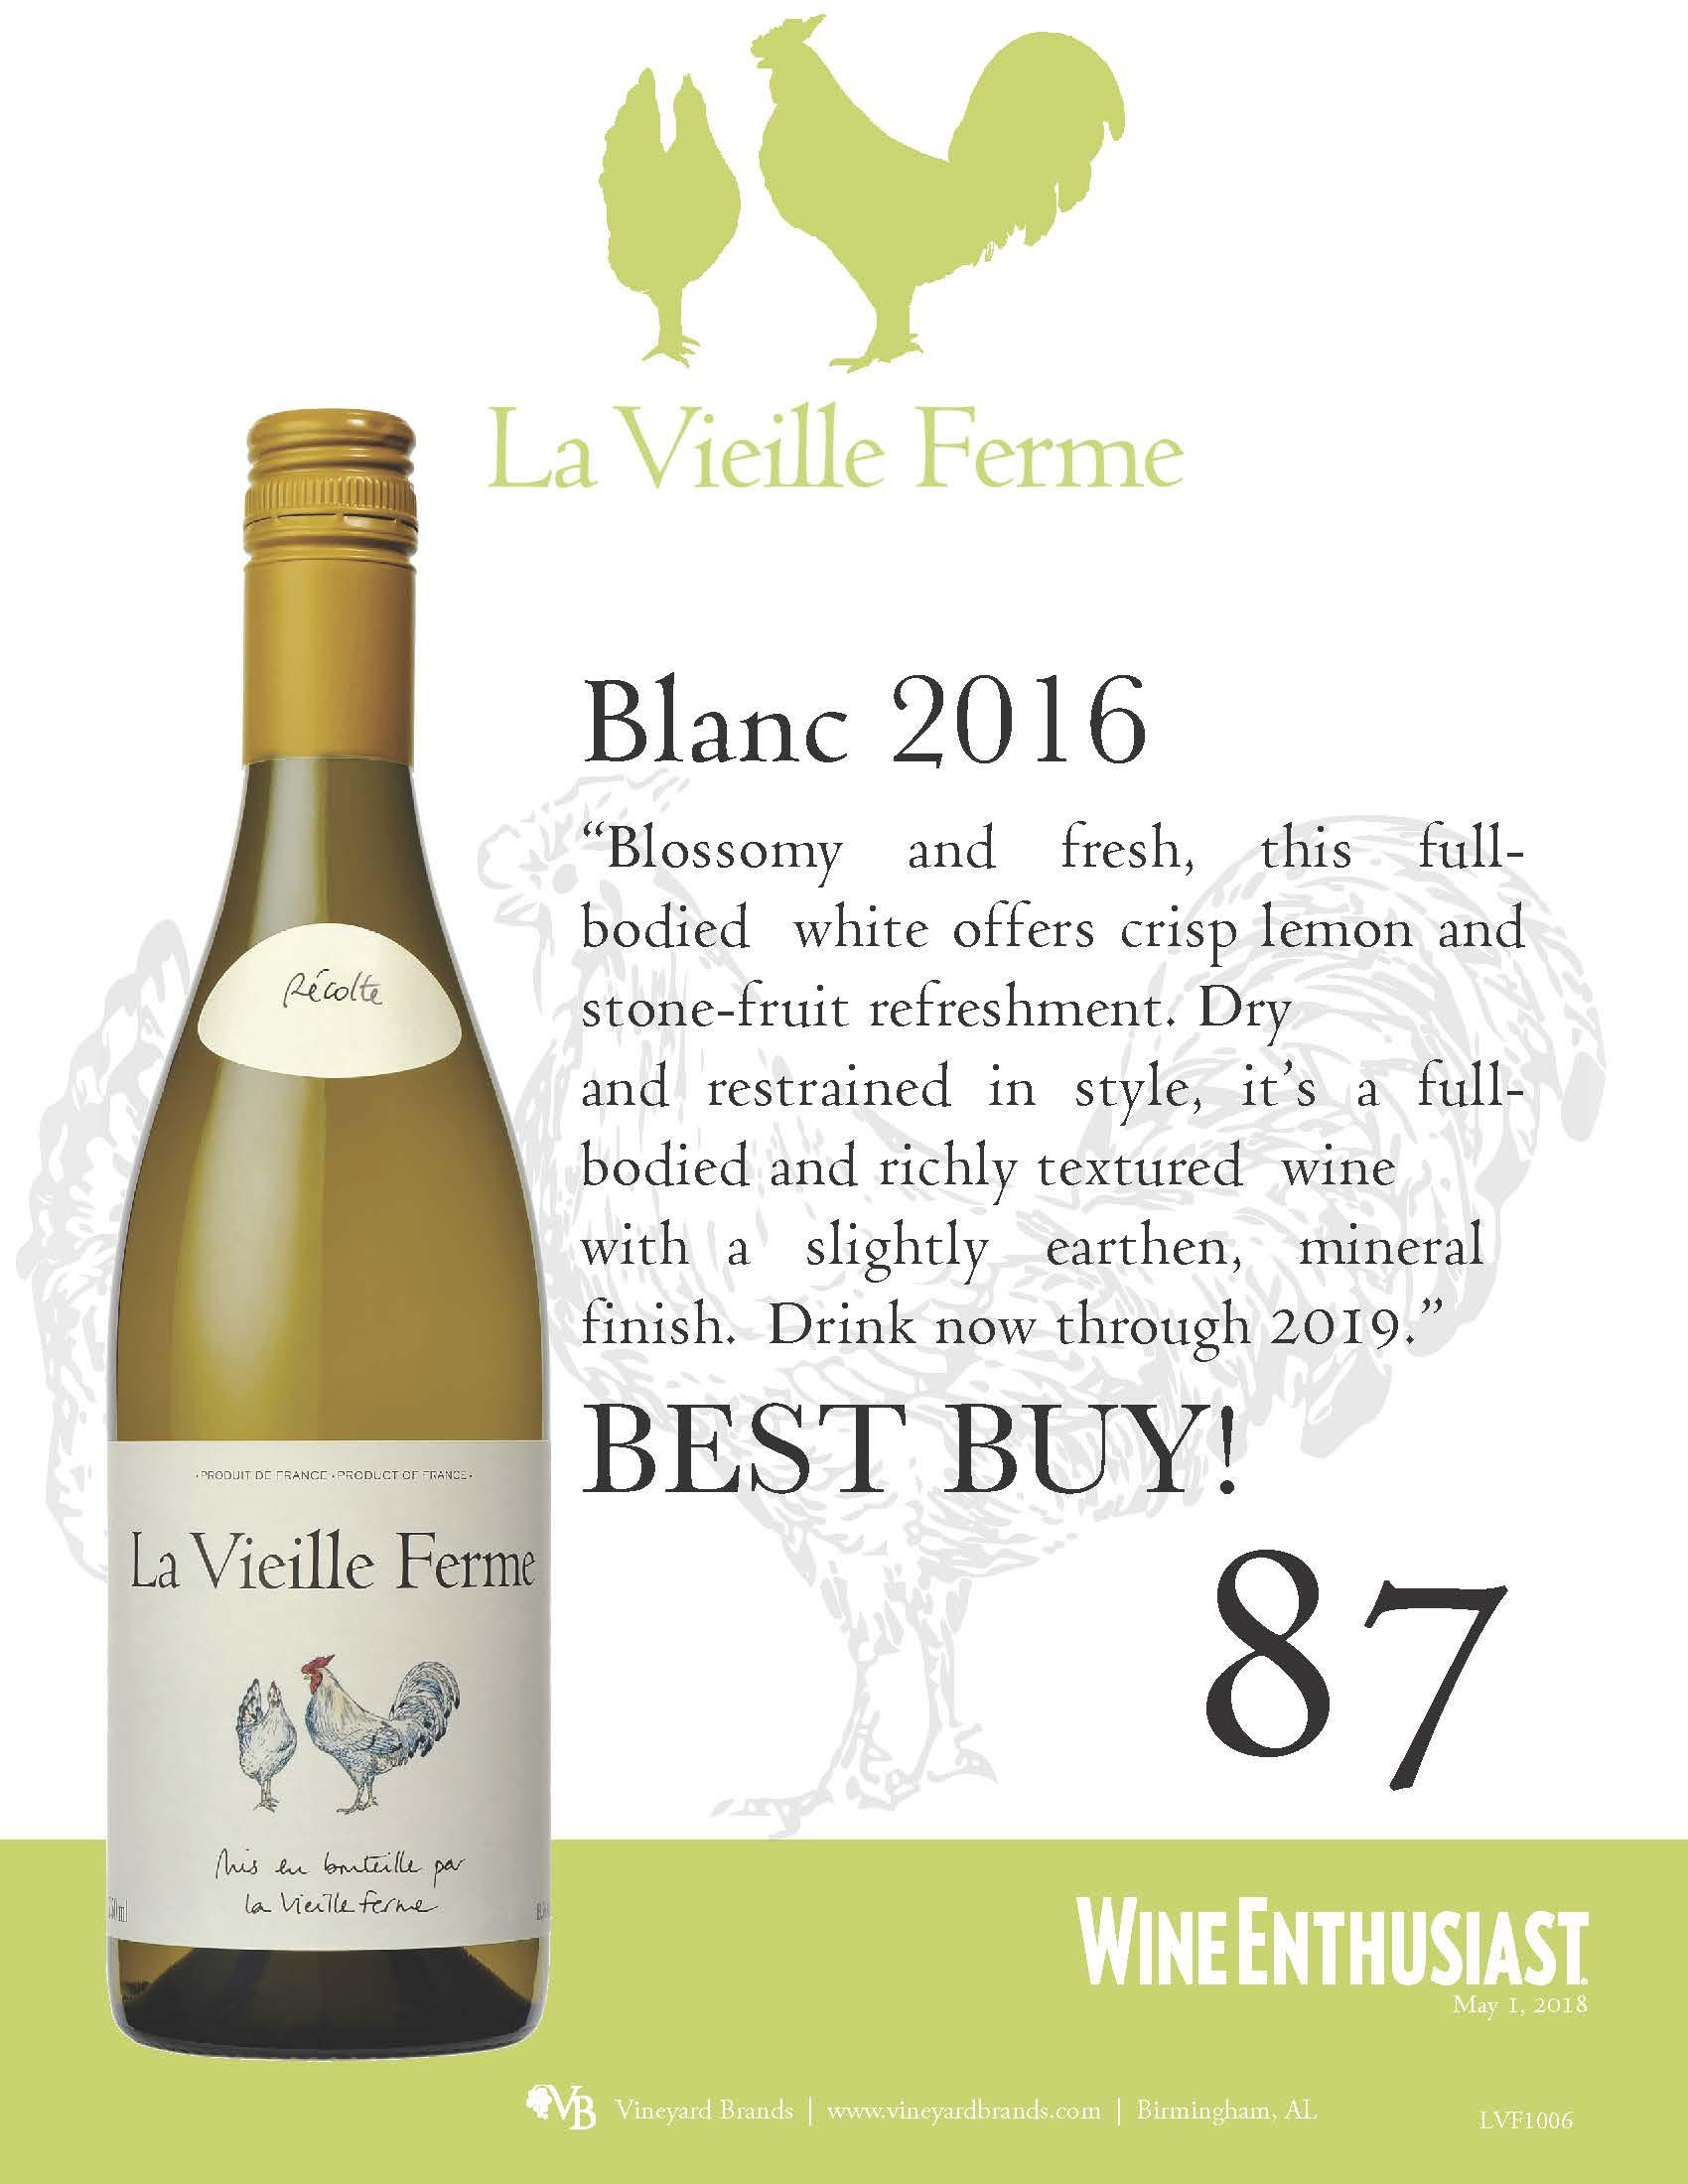 La Vieille Ferme Blanc 2016.jpg